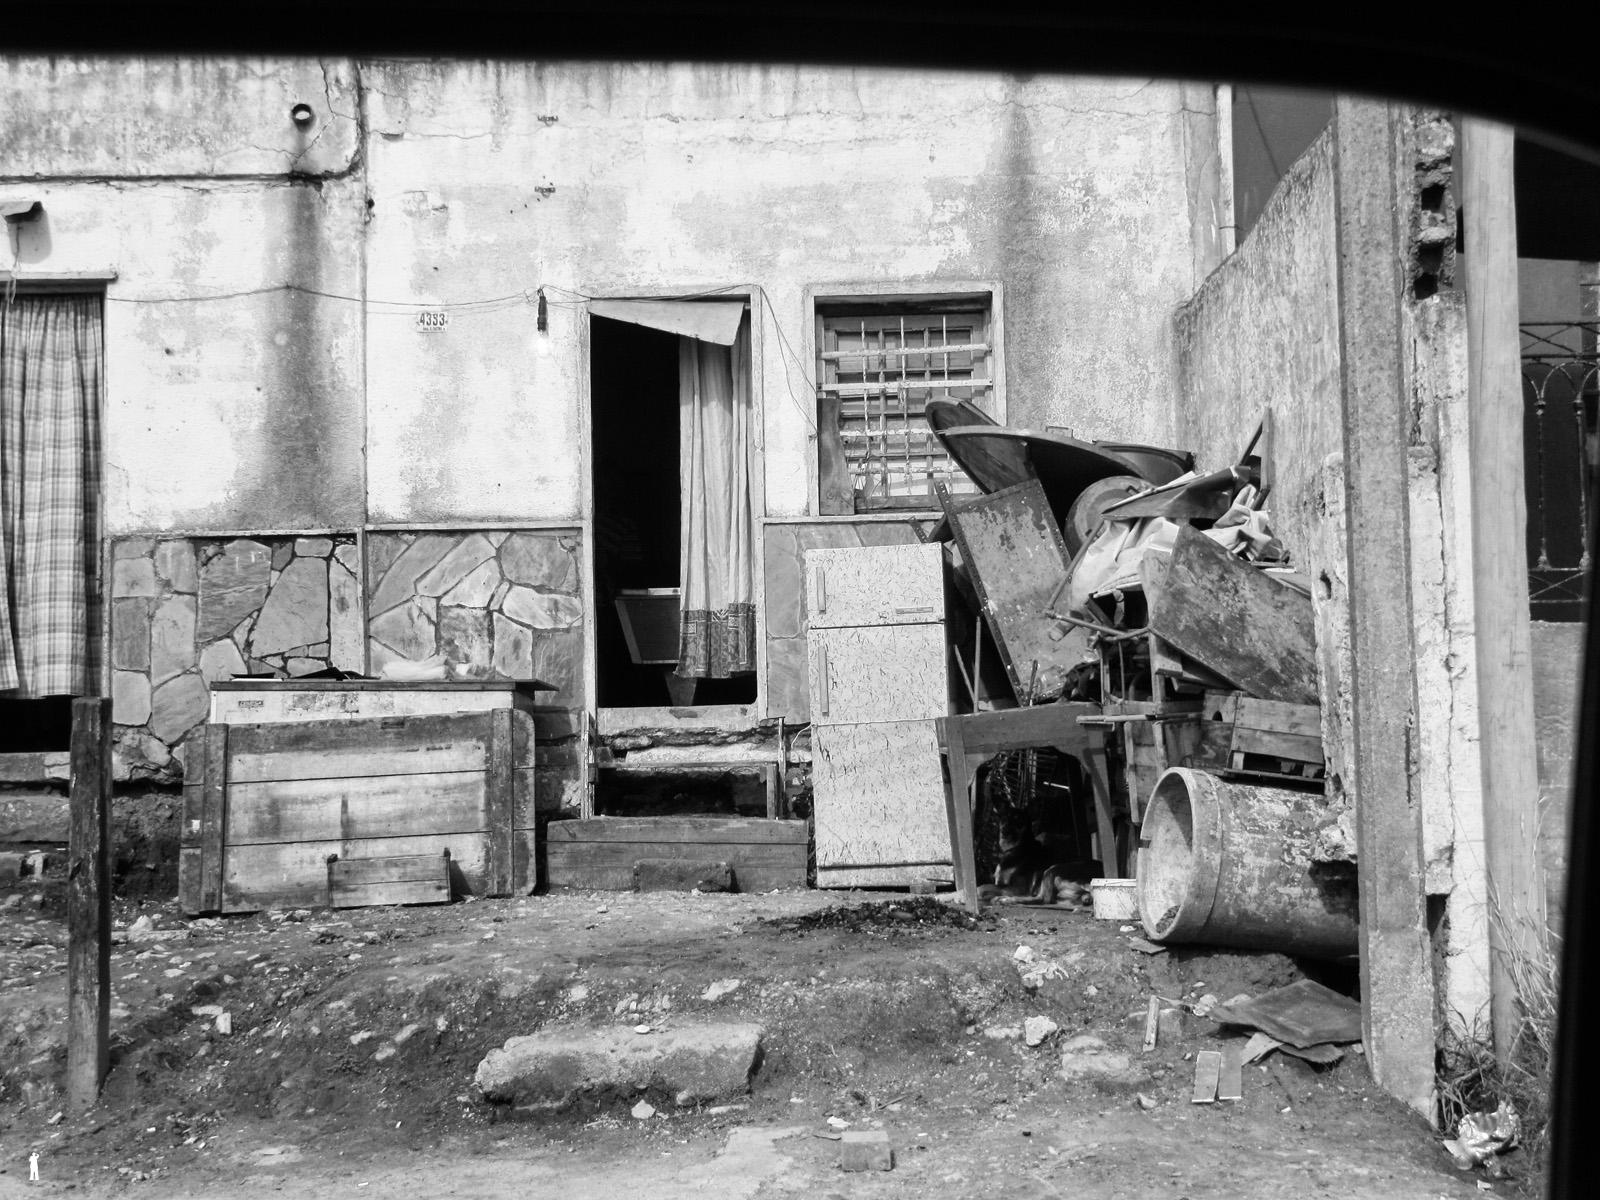 Barrios marginales